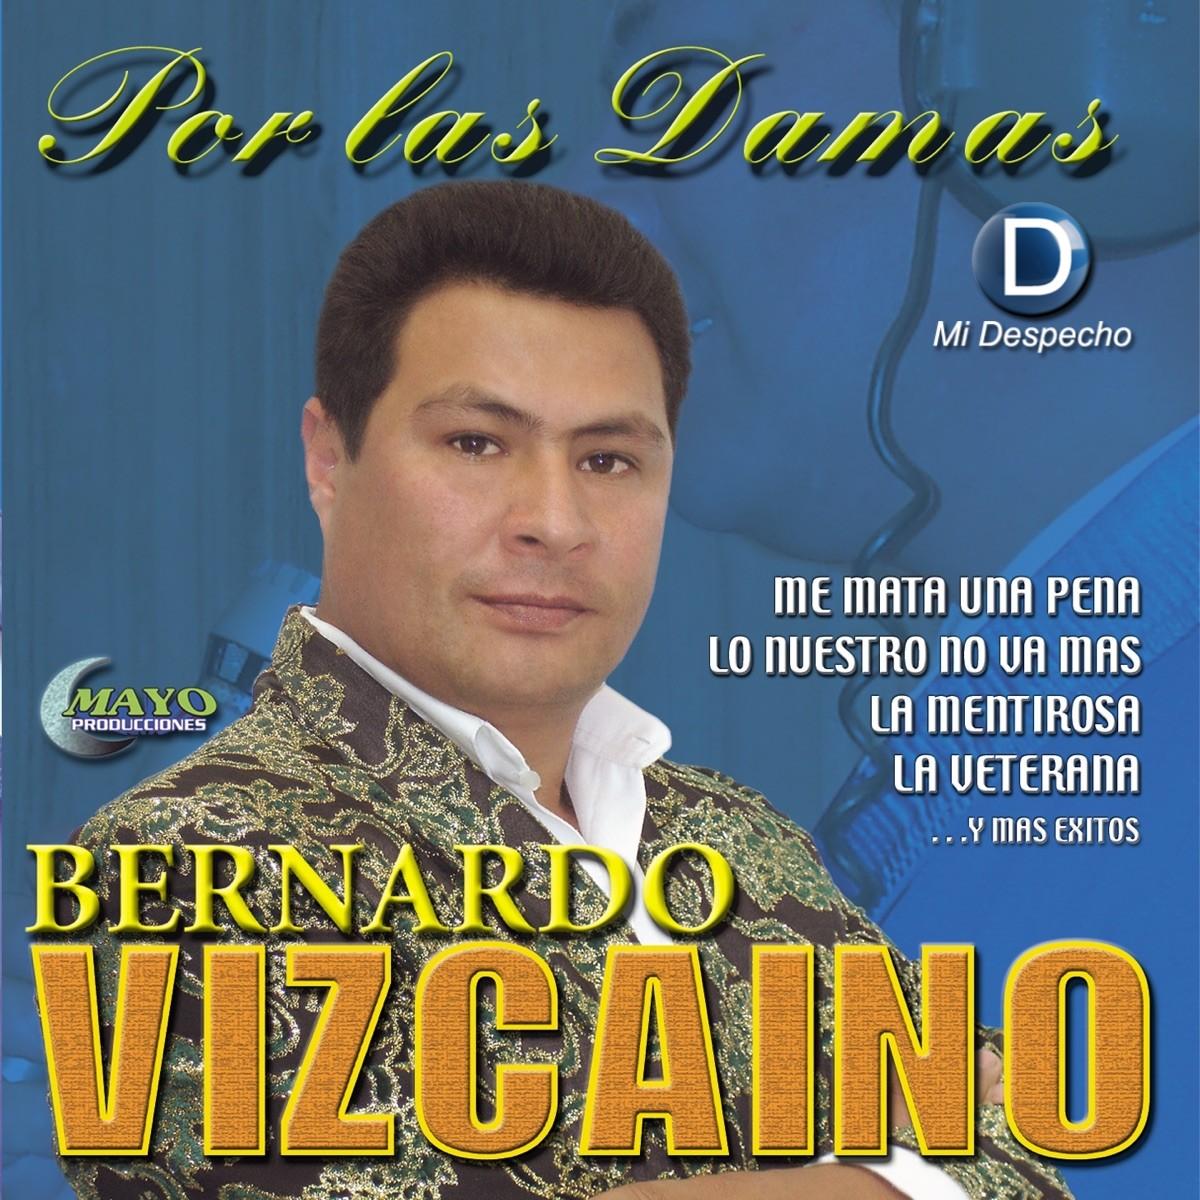 Bernardo Vizcaíno Por Las Damas Frontal